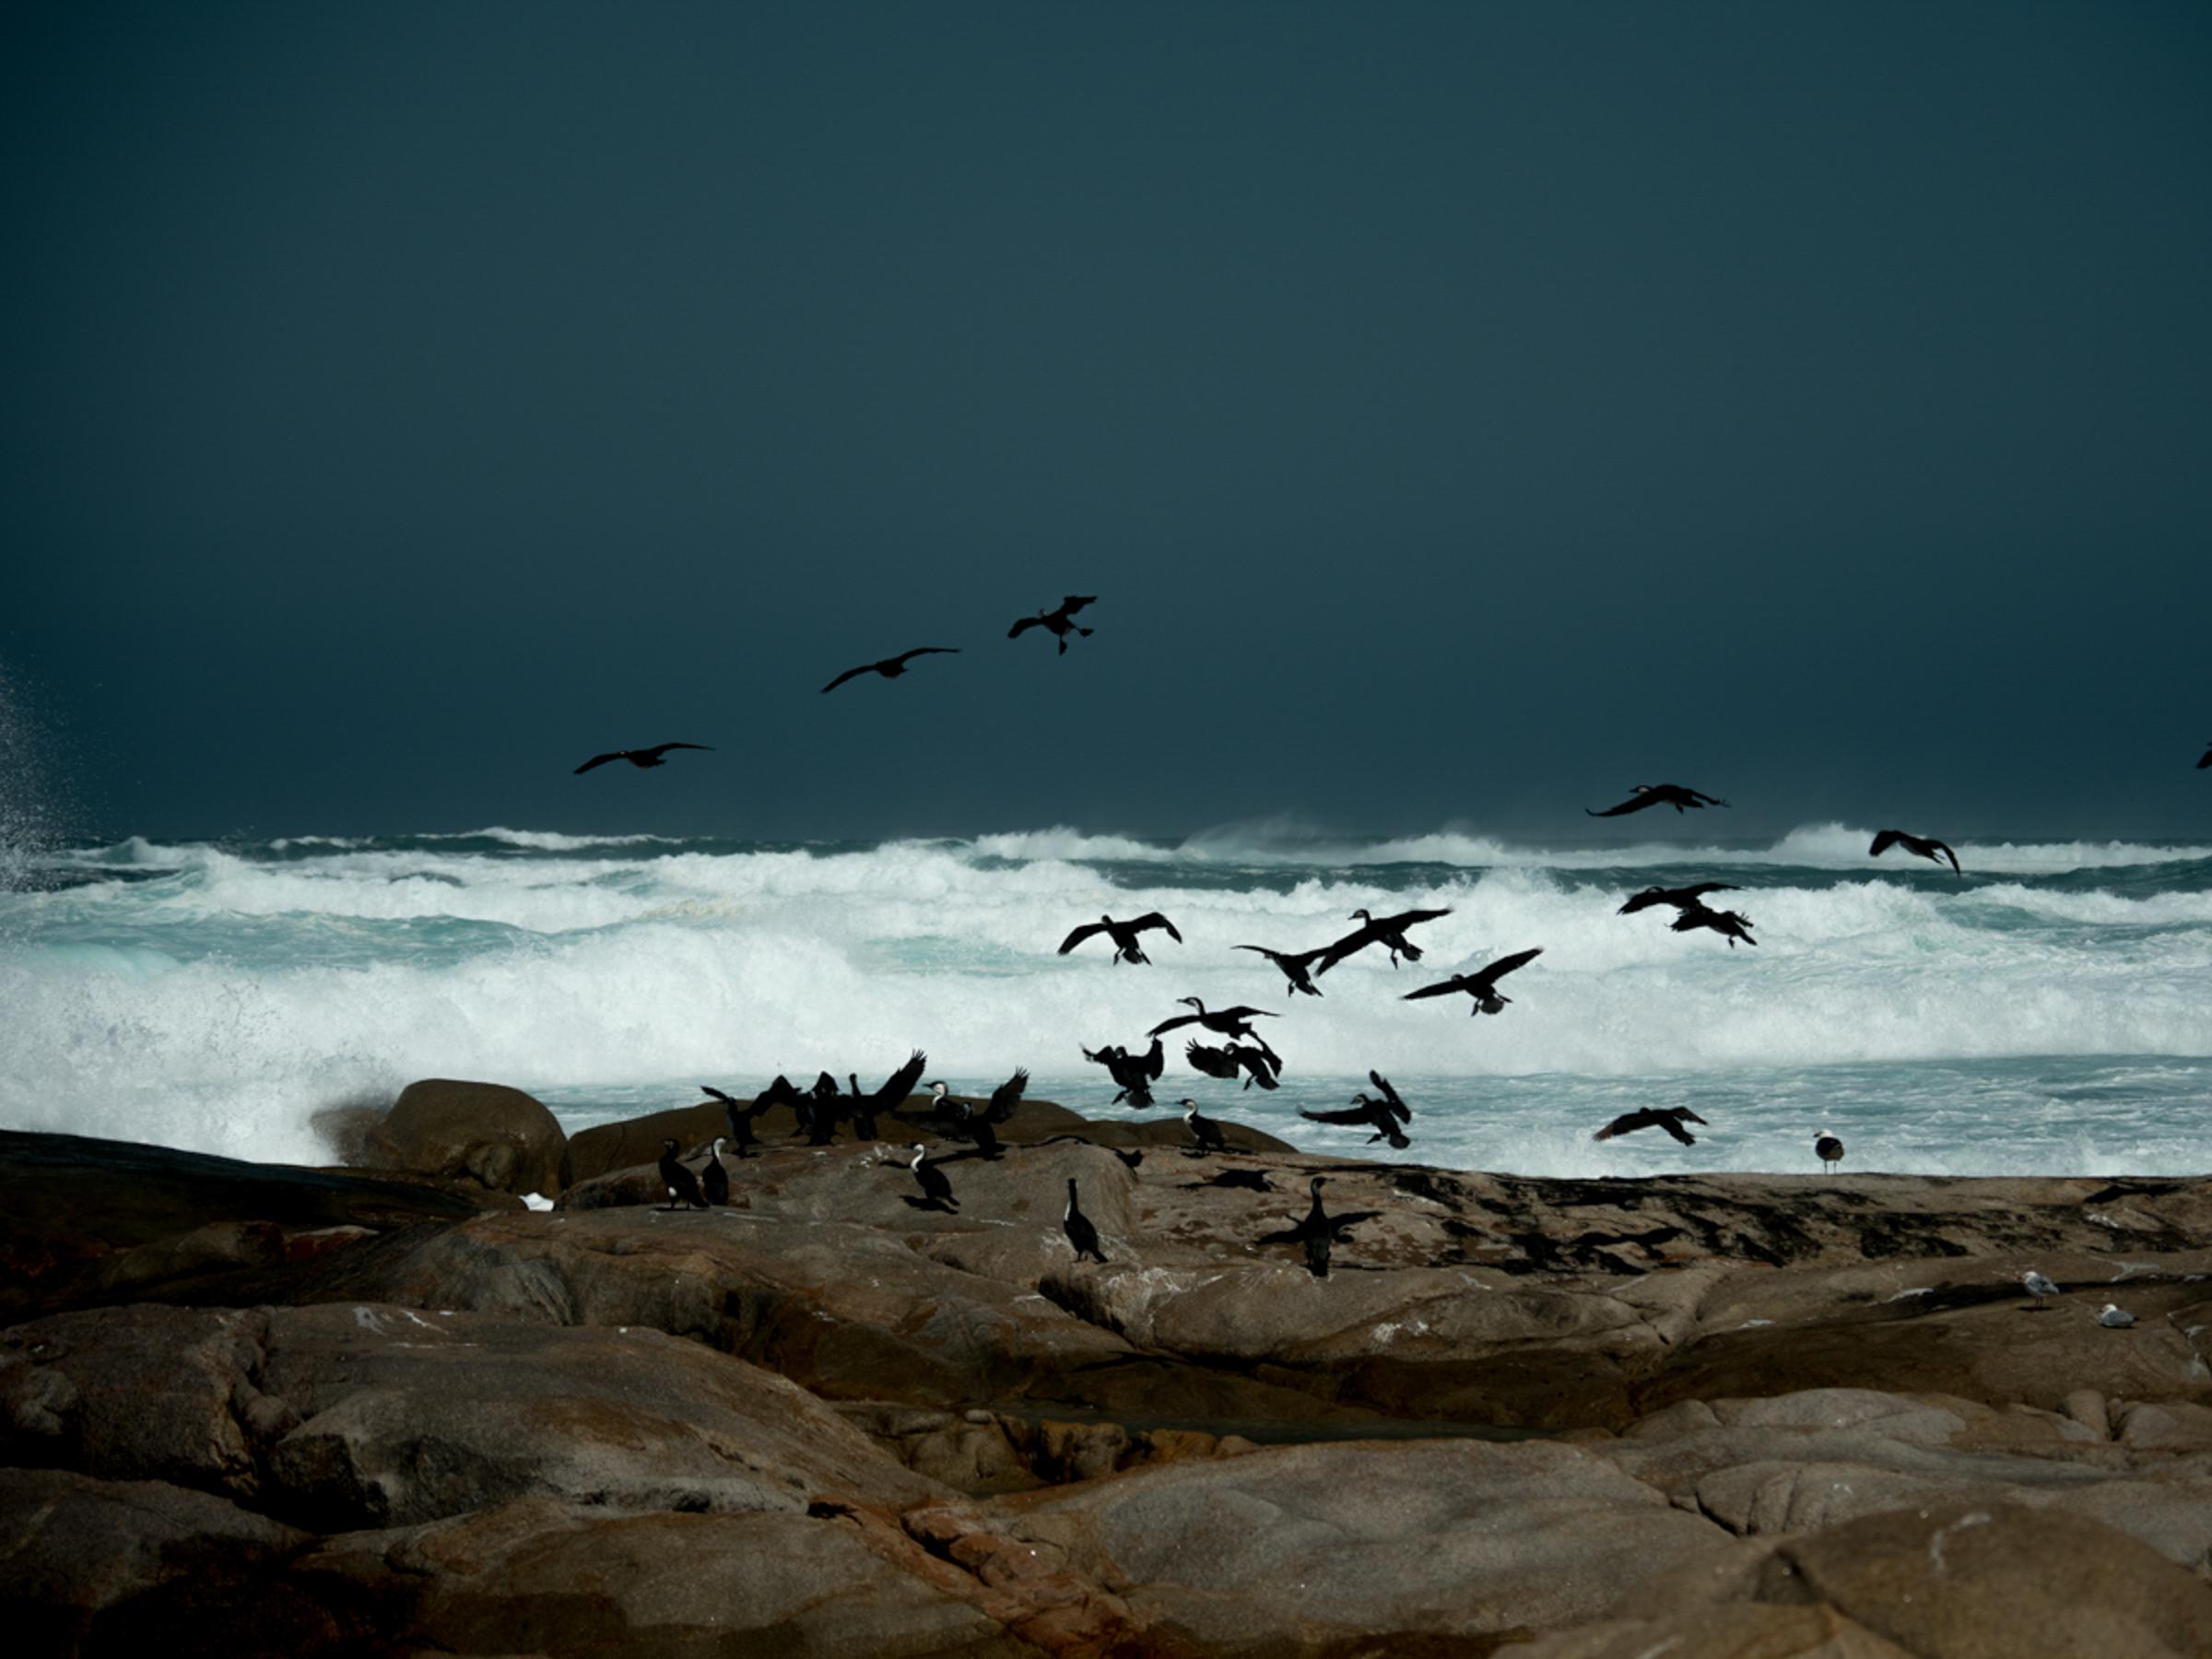 Cormorants taking flight